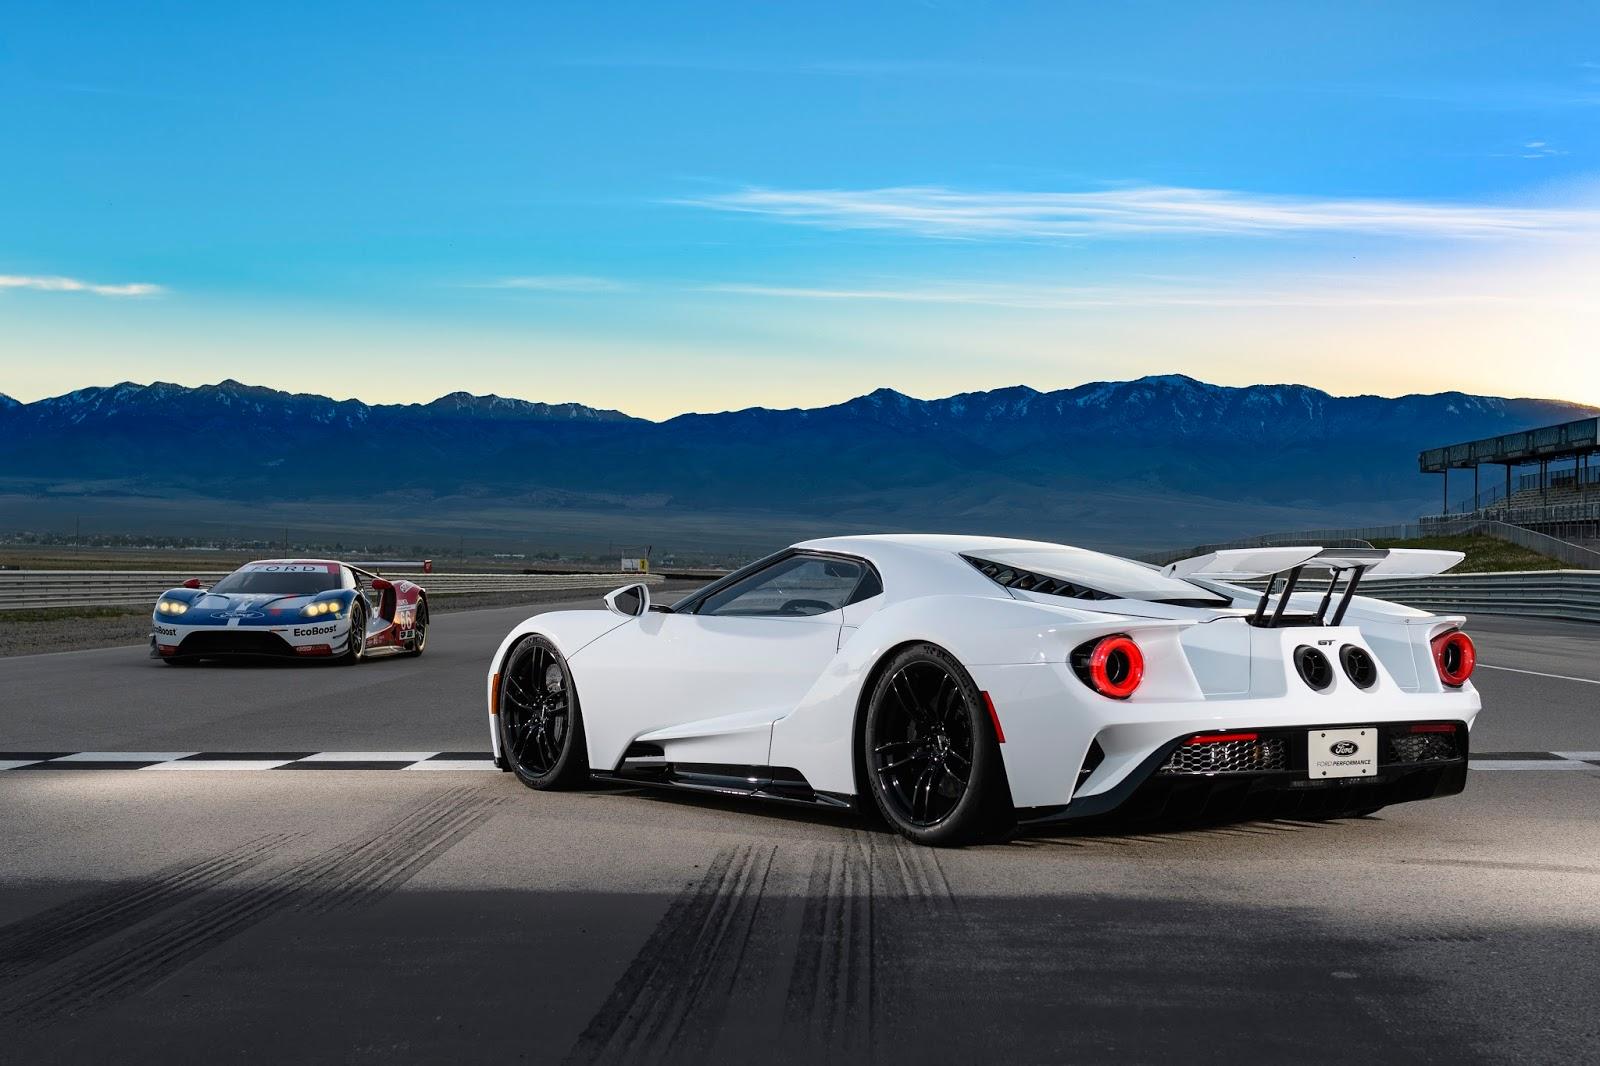 All NewFordGT Innovations 15 Ford GT : Το αυτοκίνητο του αύριο... σήμερα Ford, Ford GT, Ford GT 40, Future, supercars, τεχνικά, Τεχνολογία